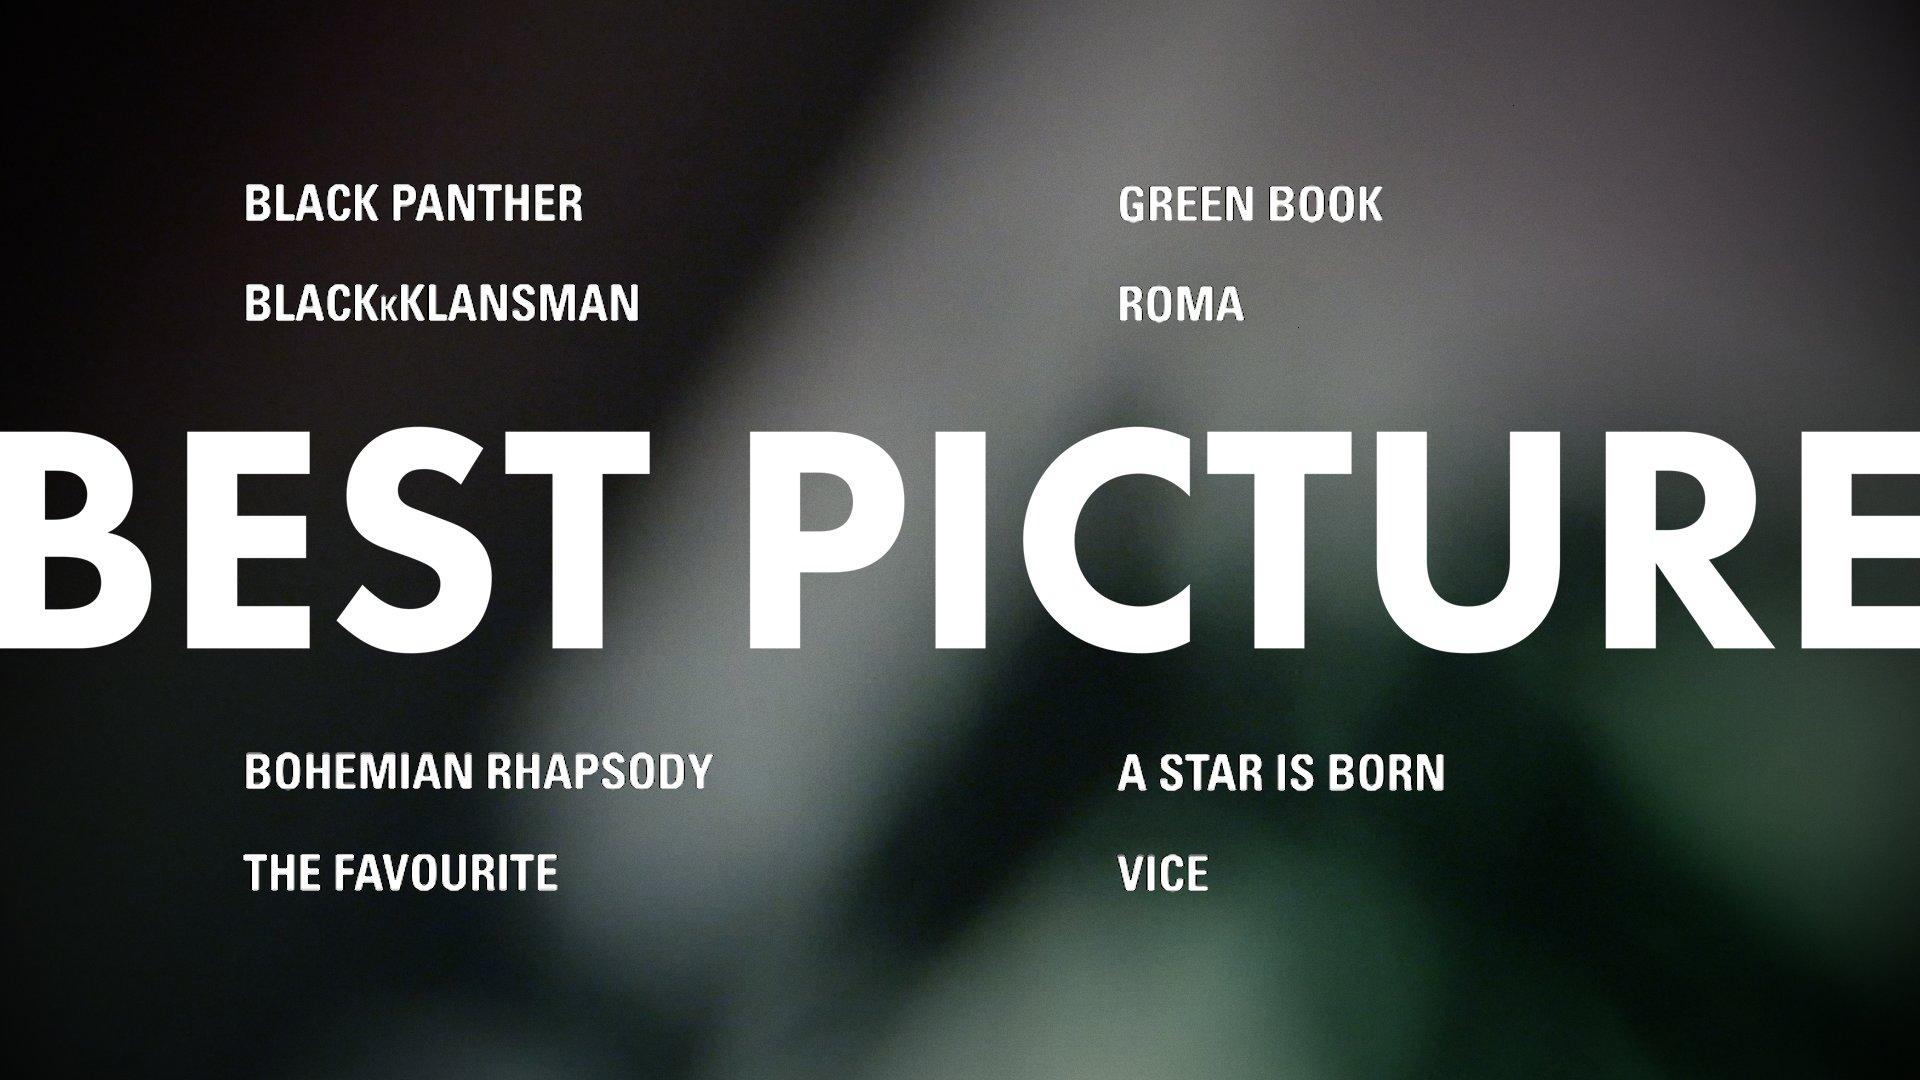 Roma Nominada Como Mejor Película En Los Oscar 2019 Periódico El